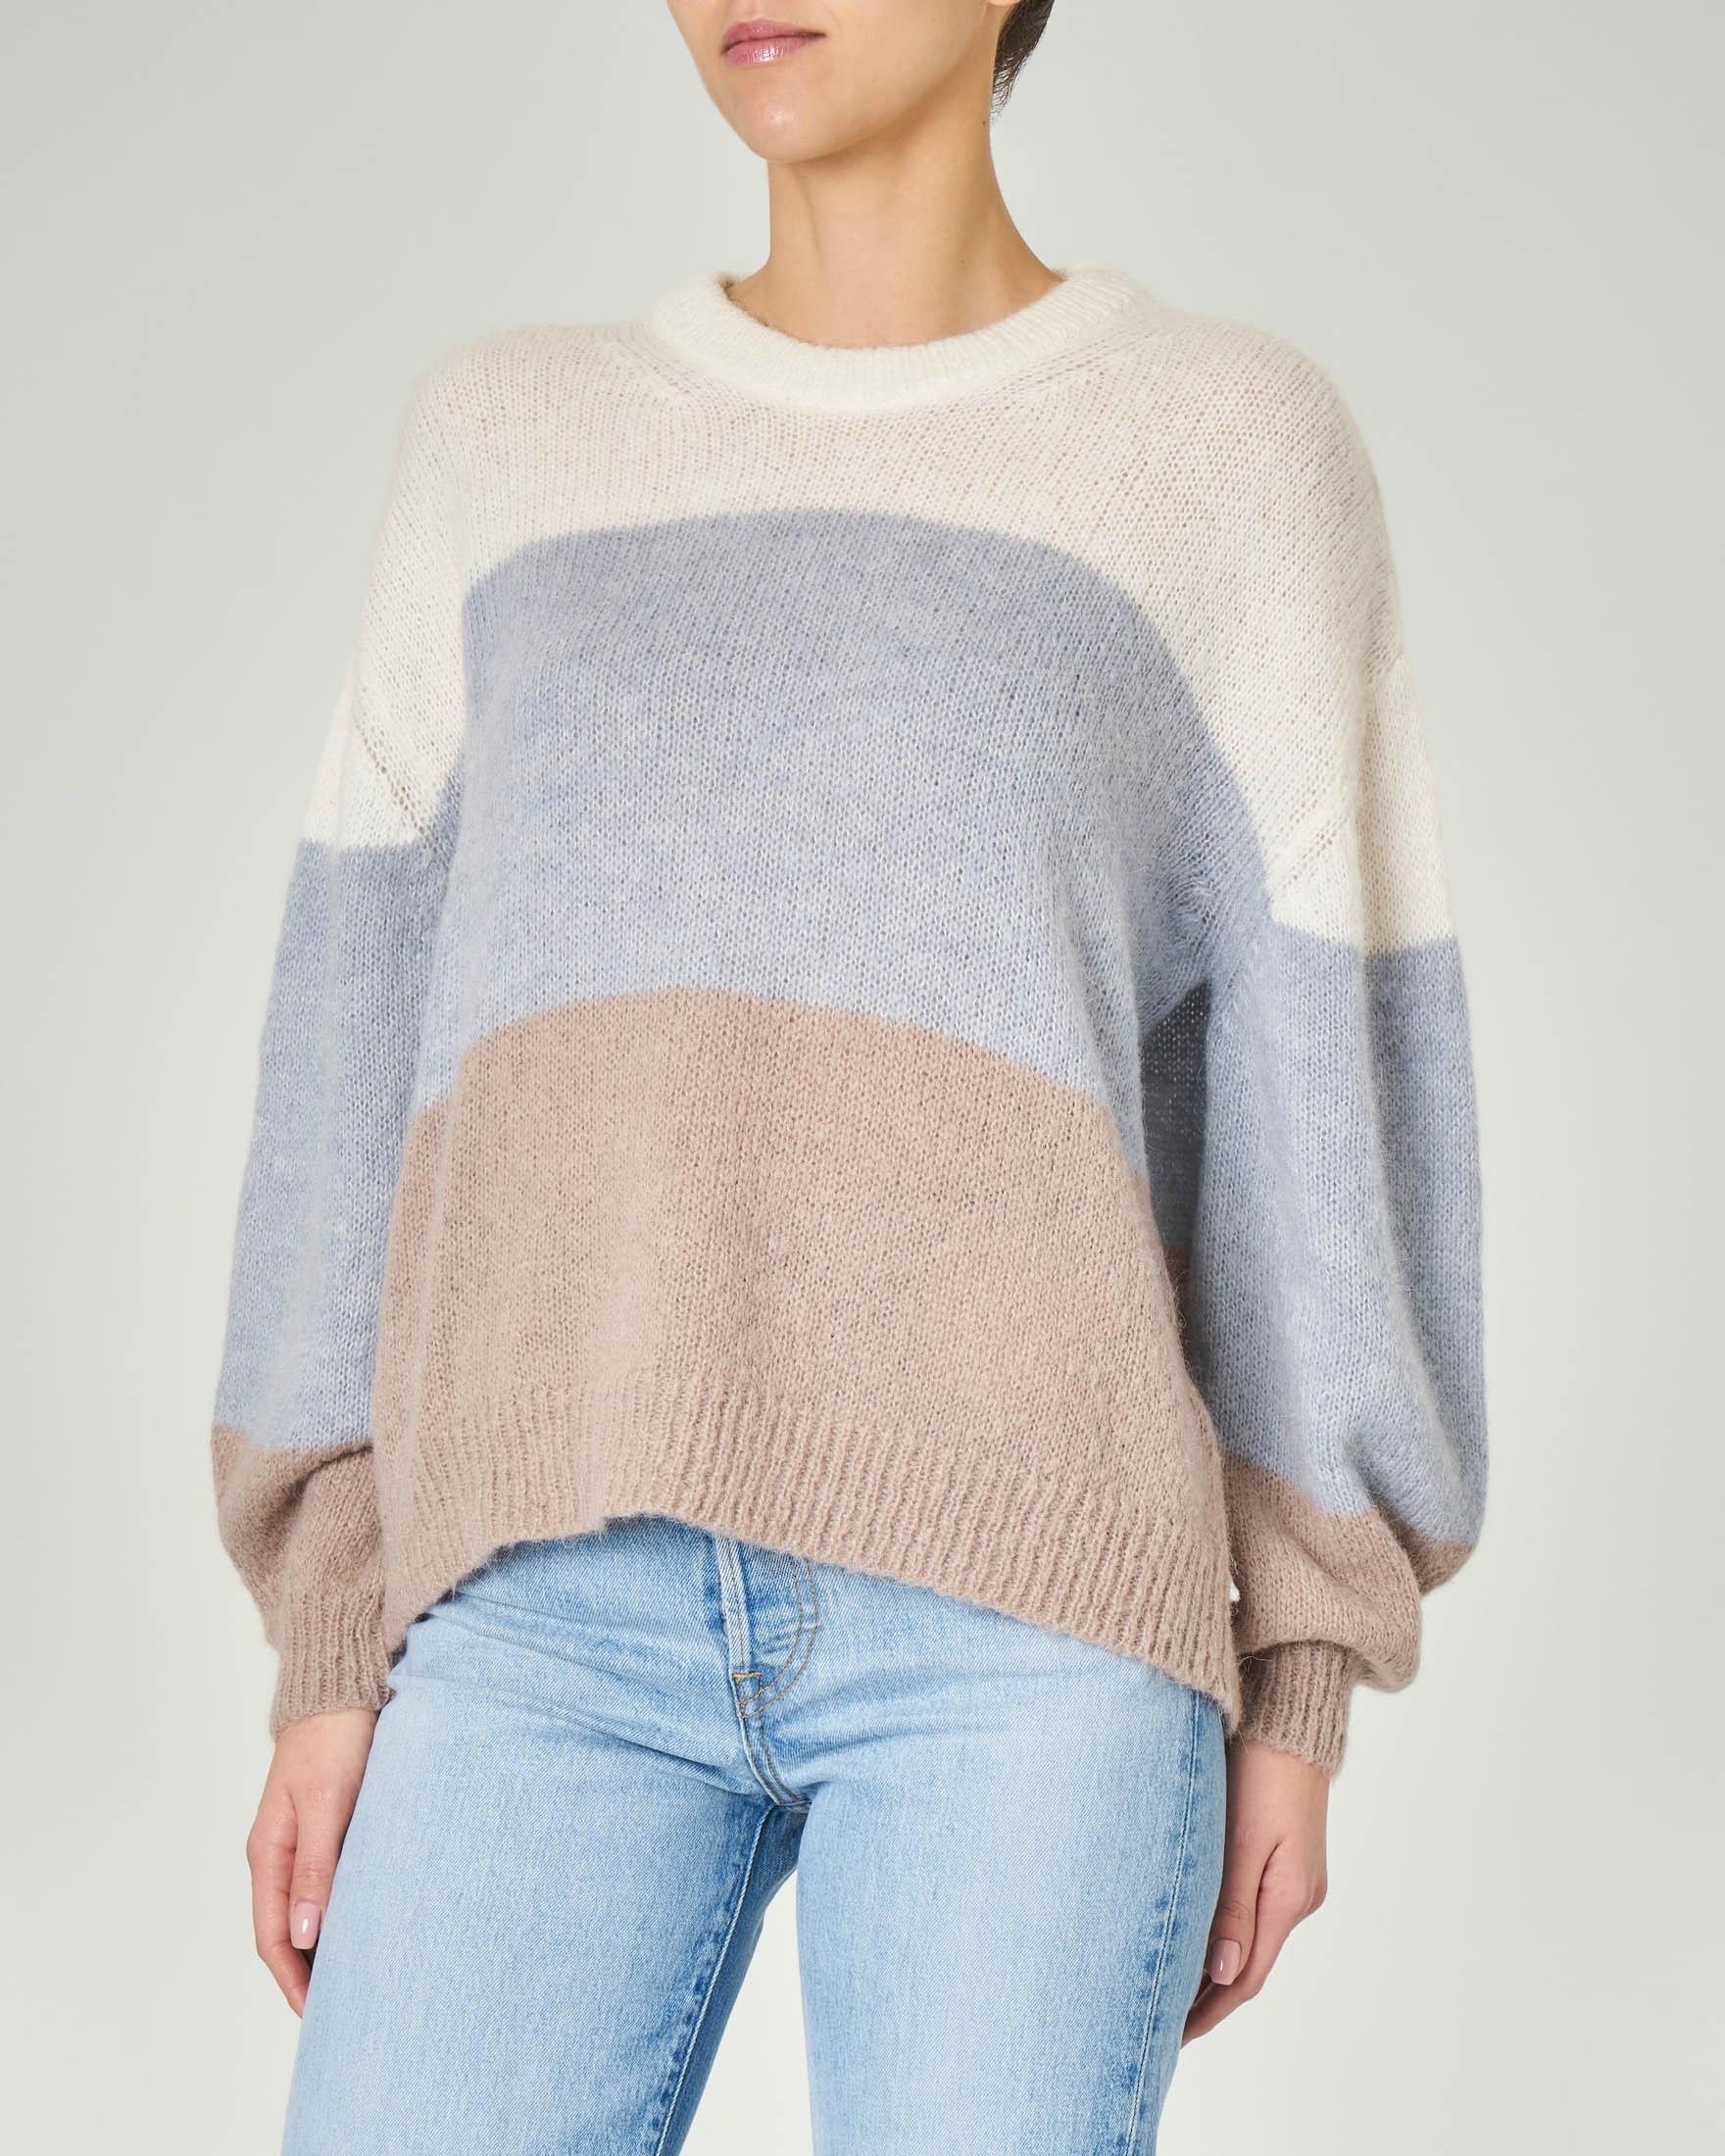 Maglia girocollo in misto alpaca a blocchi di colore bianco azzuro e beige con maniche ampie